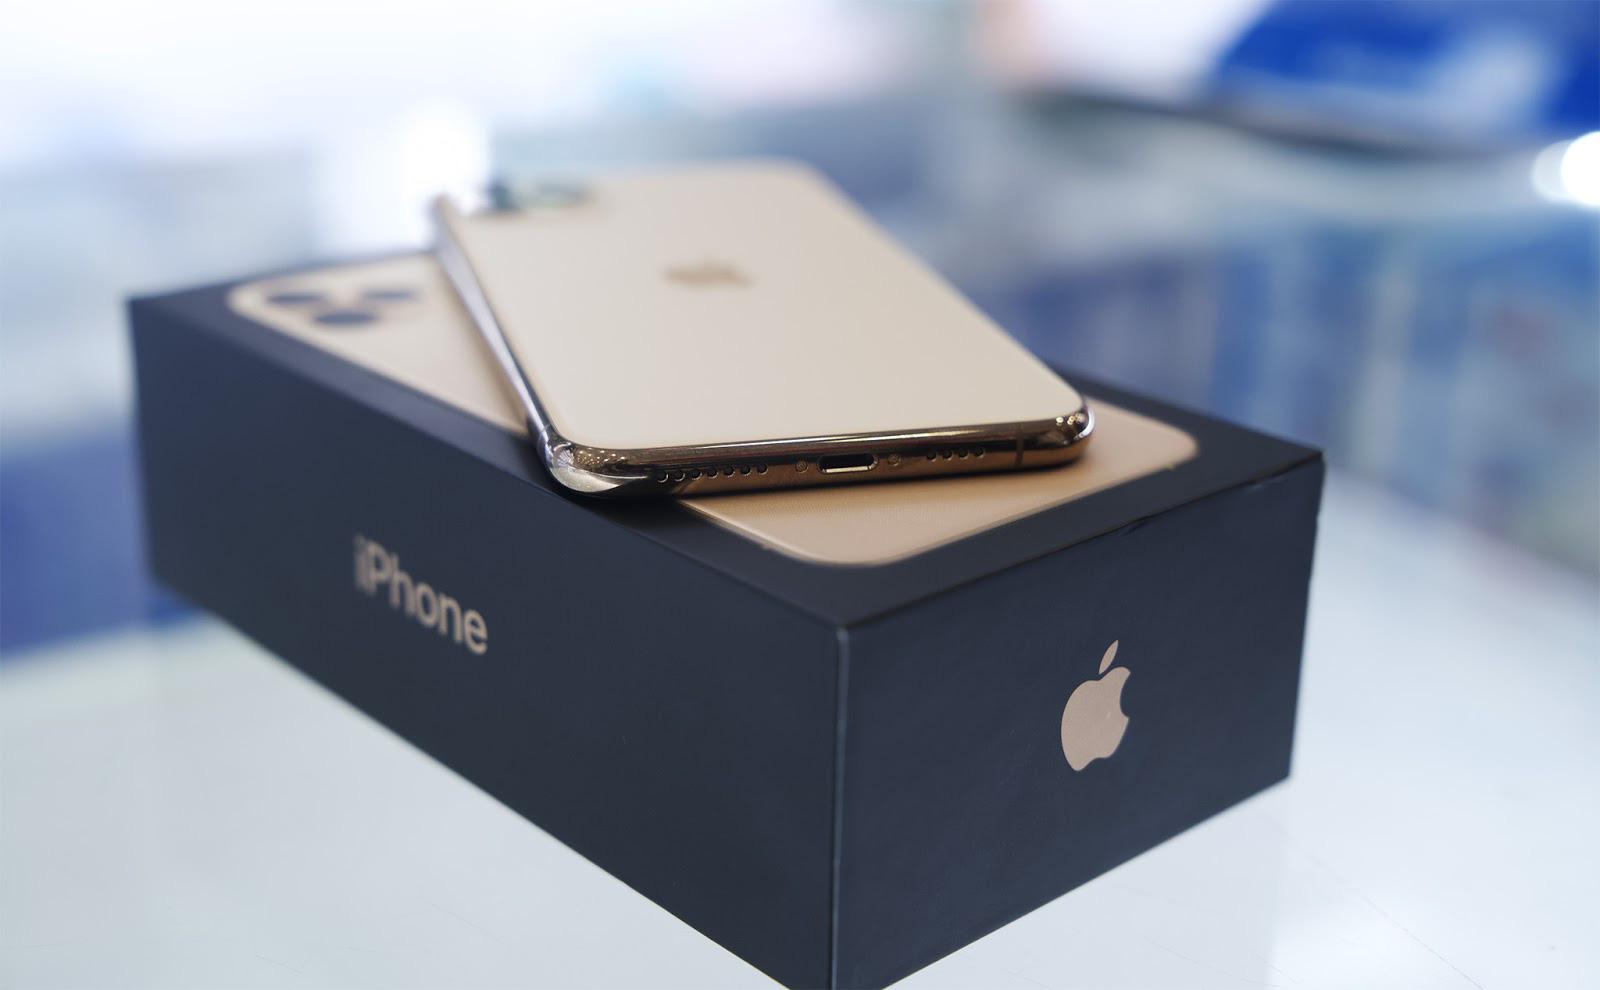 3 ngày cuối tuần, iPhone 11 Pro Max VNA giảm đến 4 triệu đồng tại Di Động Việt - Ảnh 2.